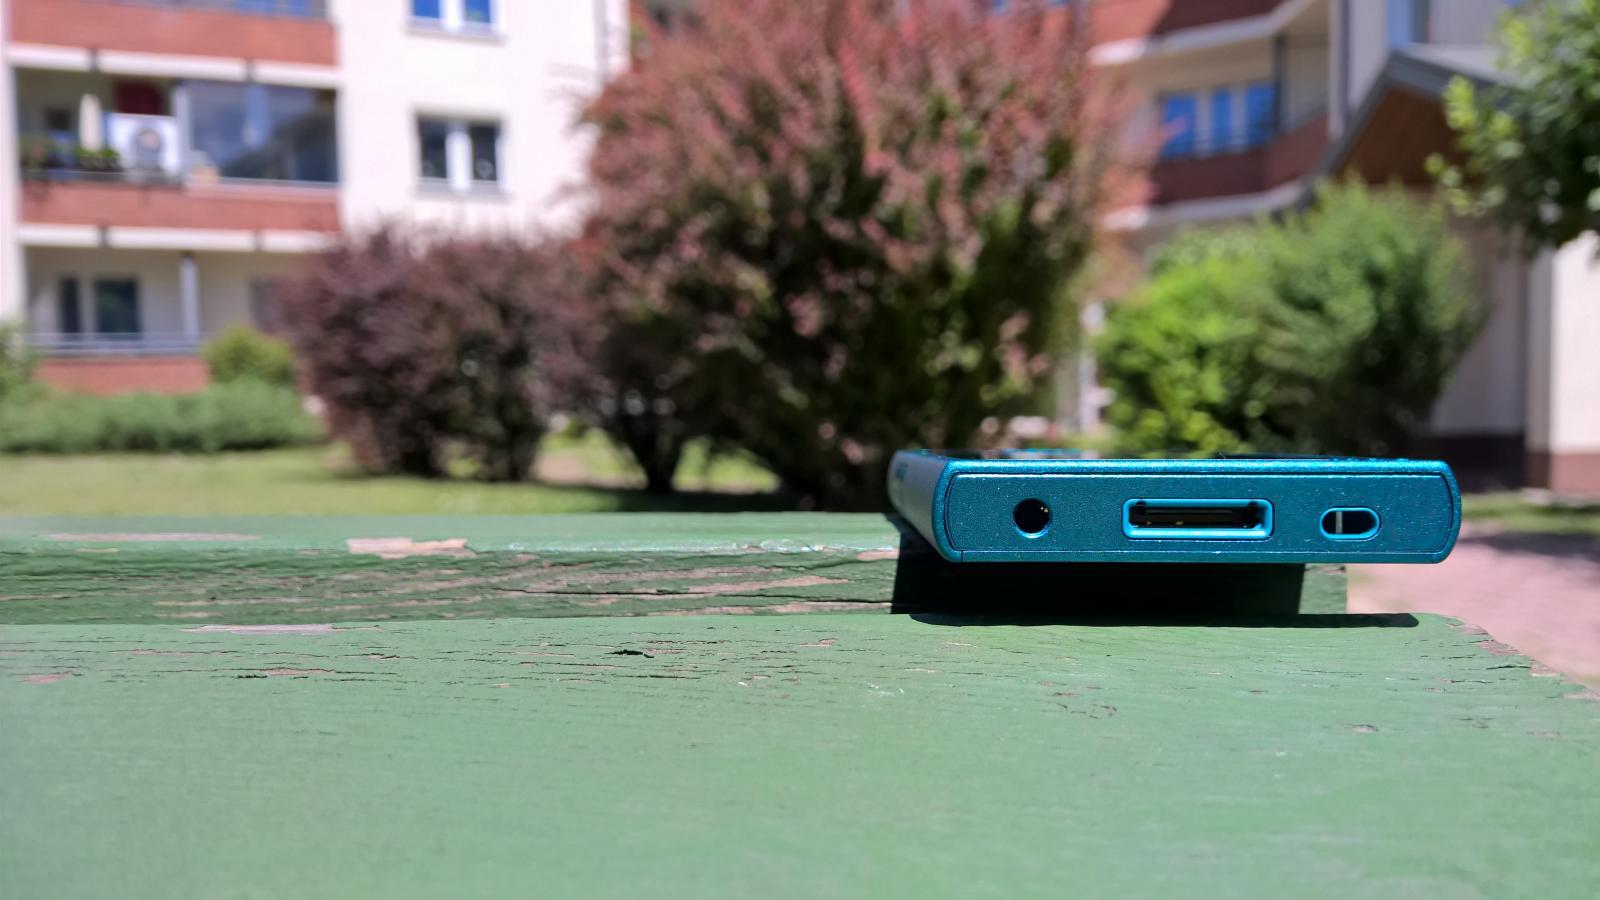 Sony Walkman NW-A30 na słońcu